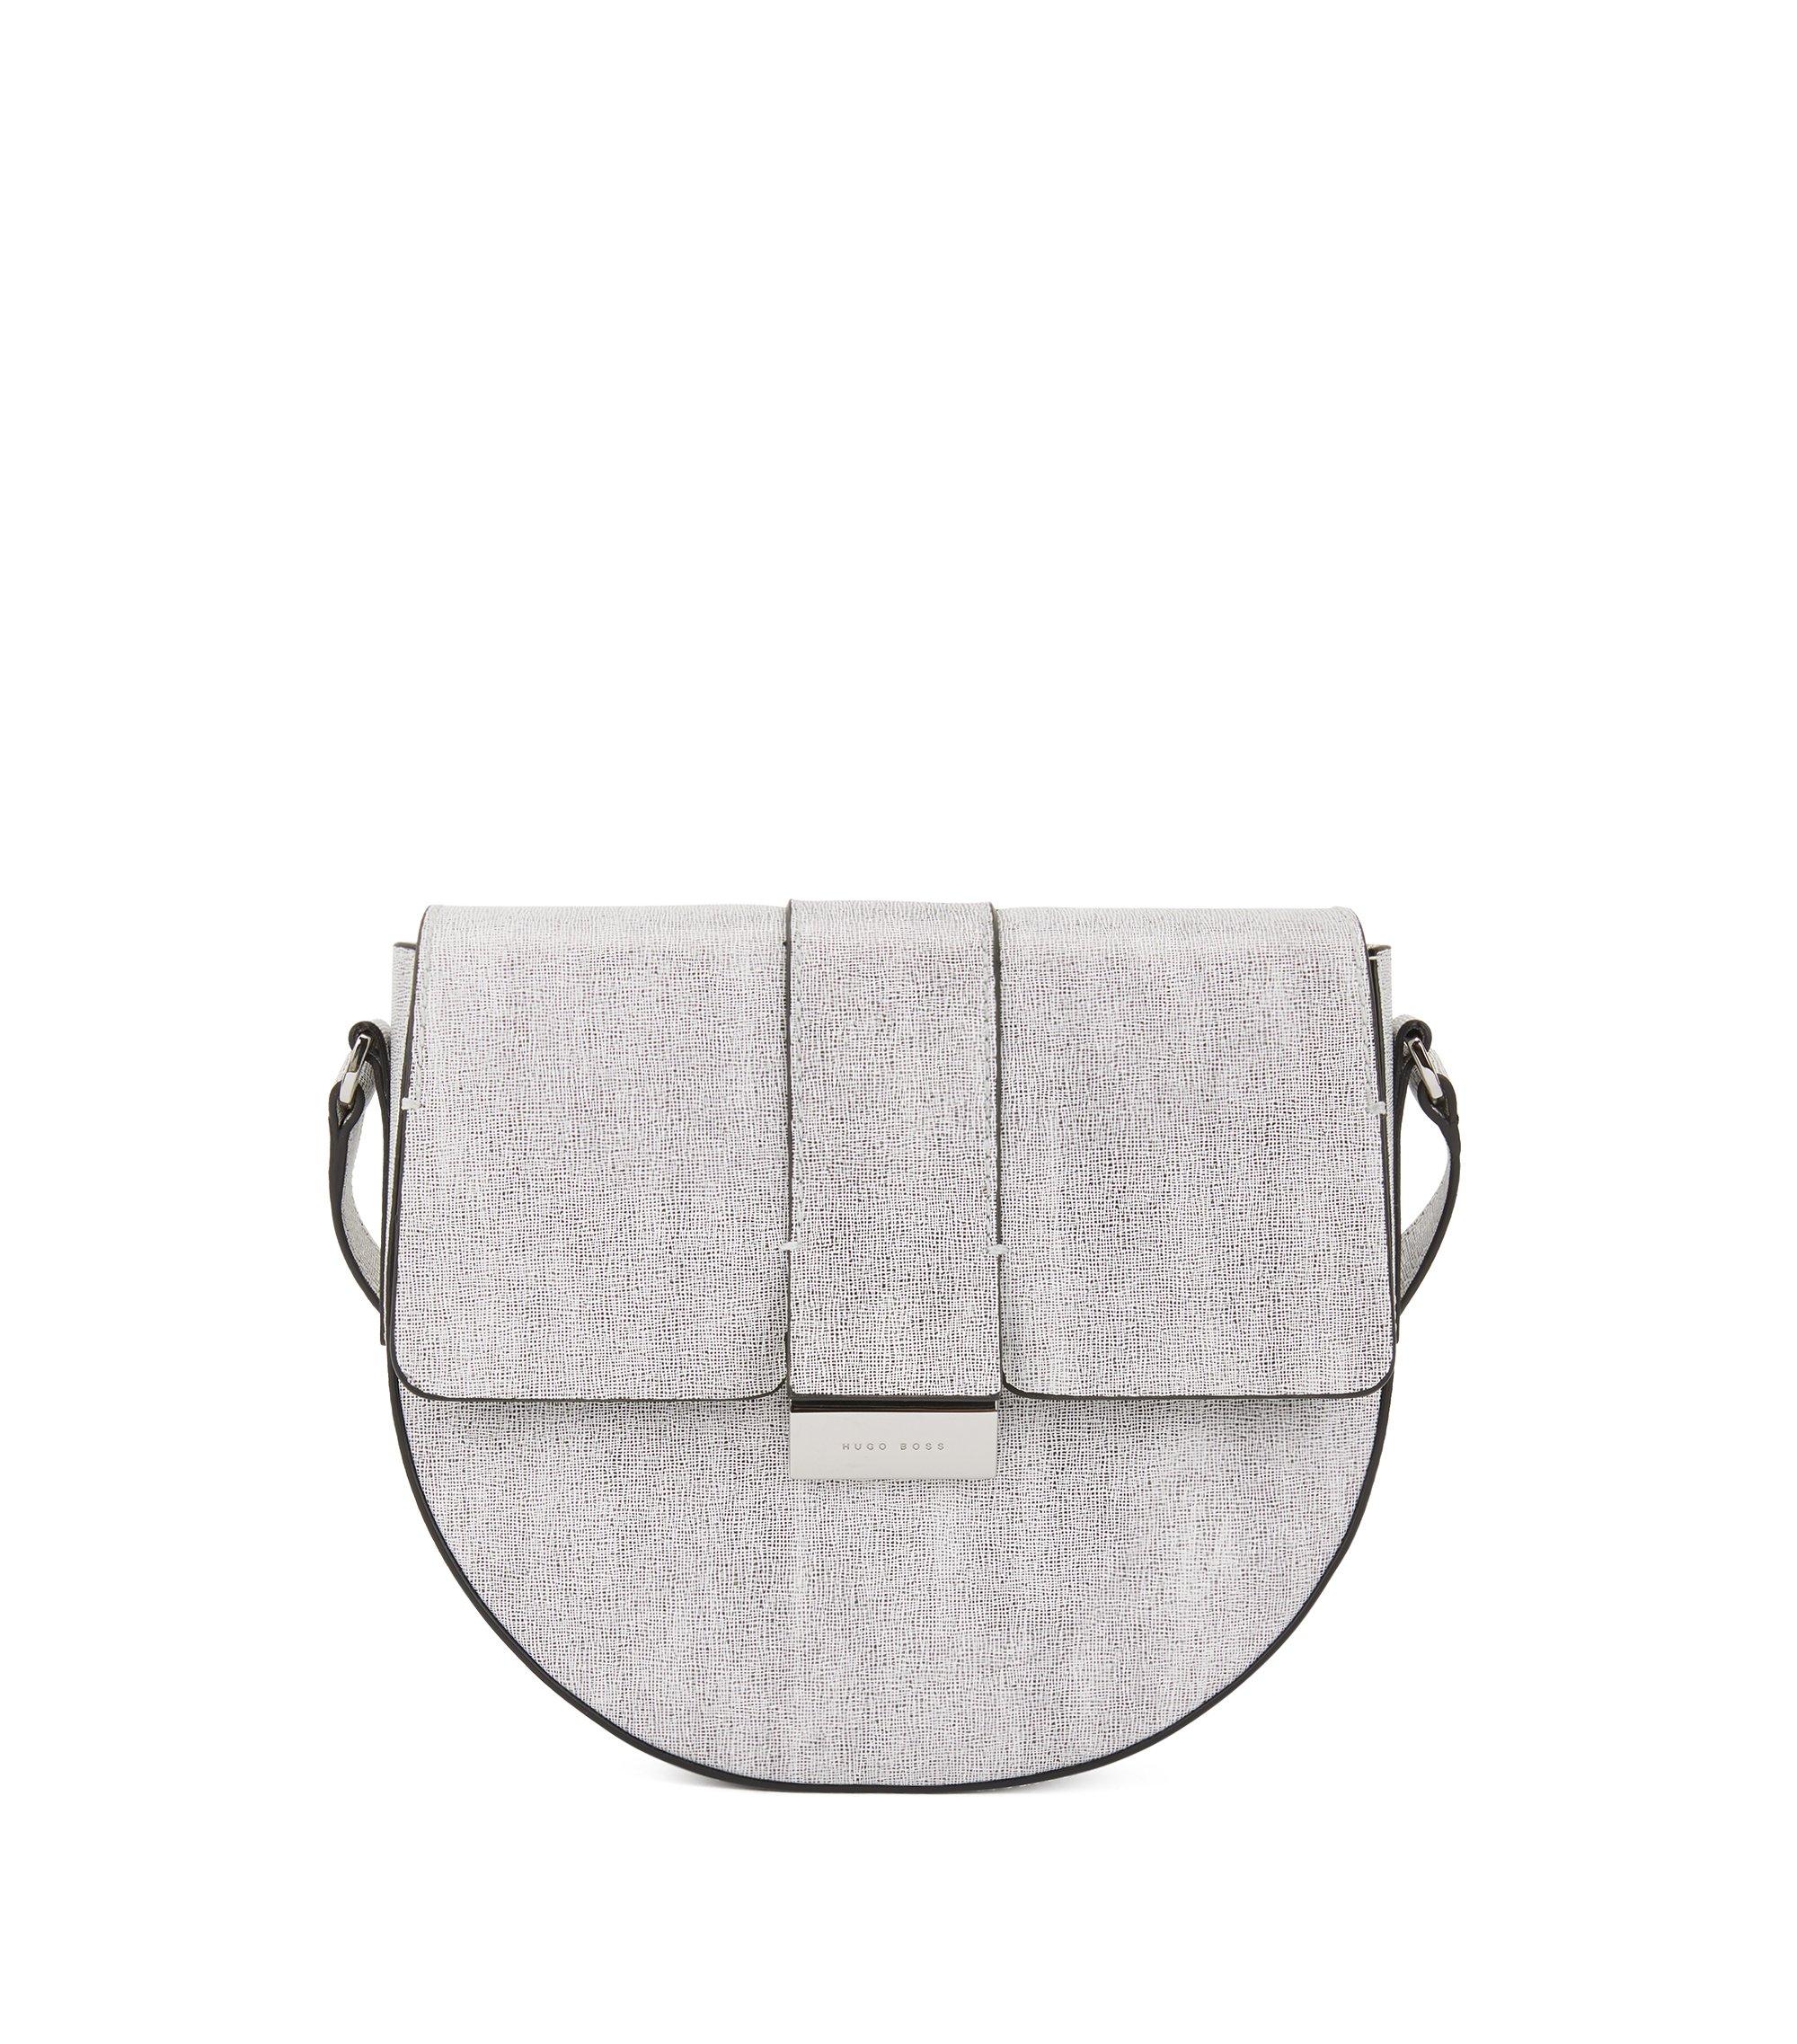 Bolso con solapa de piel italiana con cierre de paladio con logo, Blanco